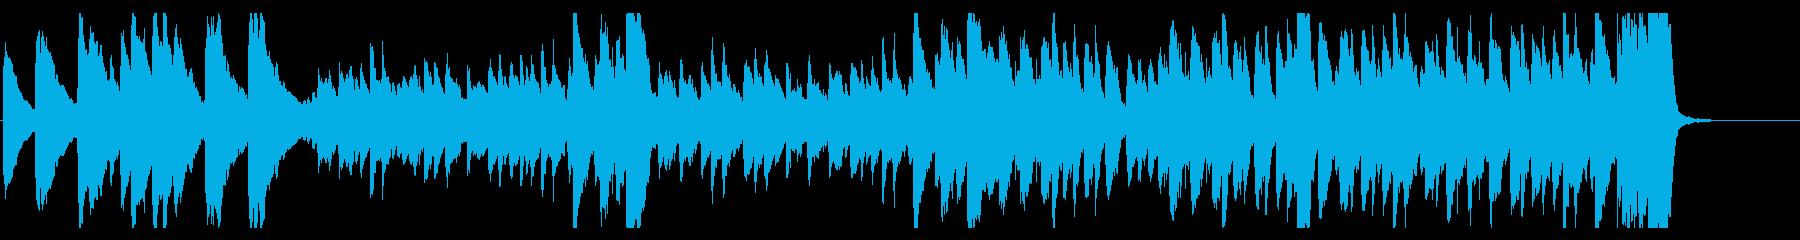 ウィリアム・テル スイス軍隊の行進の再生済みの波形